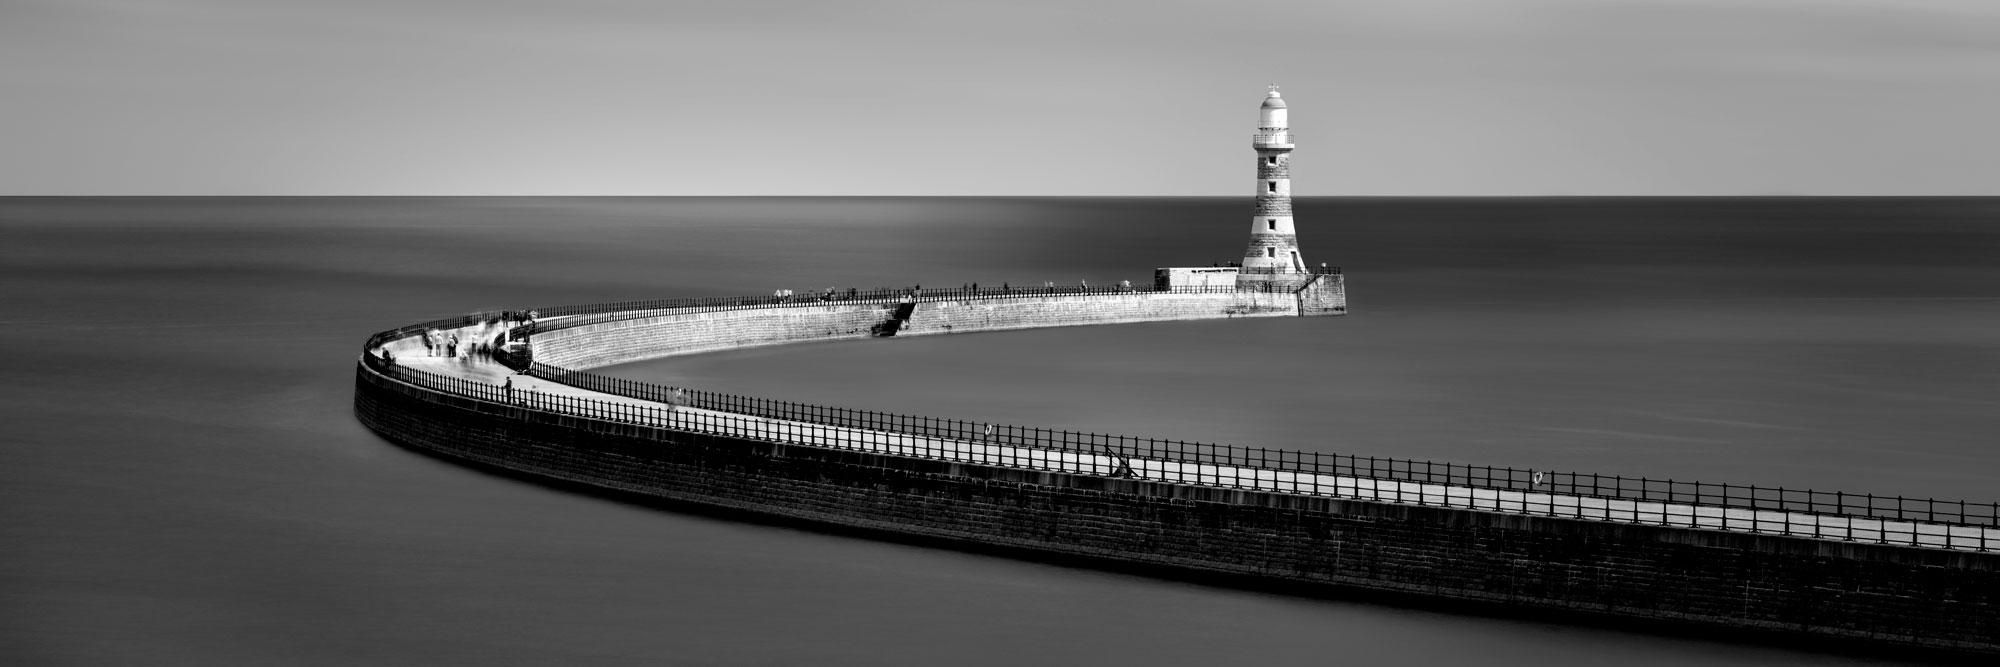 lighthouse on the English coast Sunderland